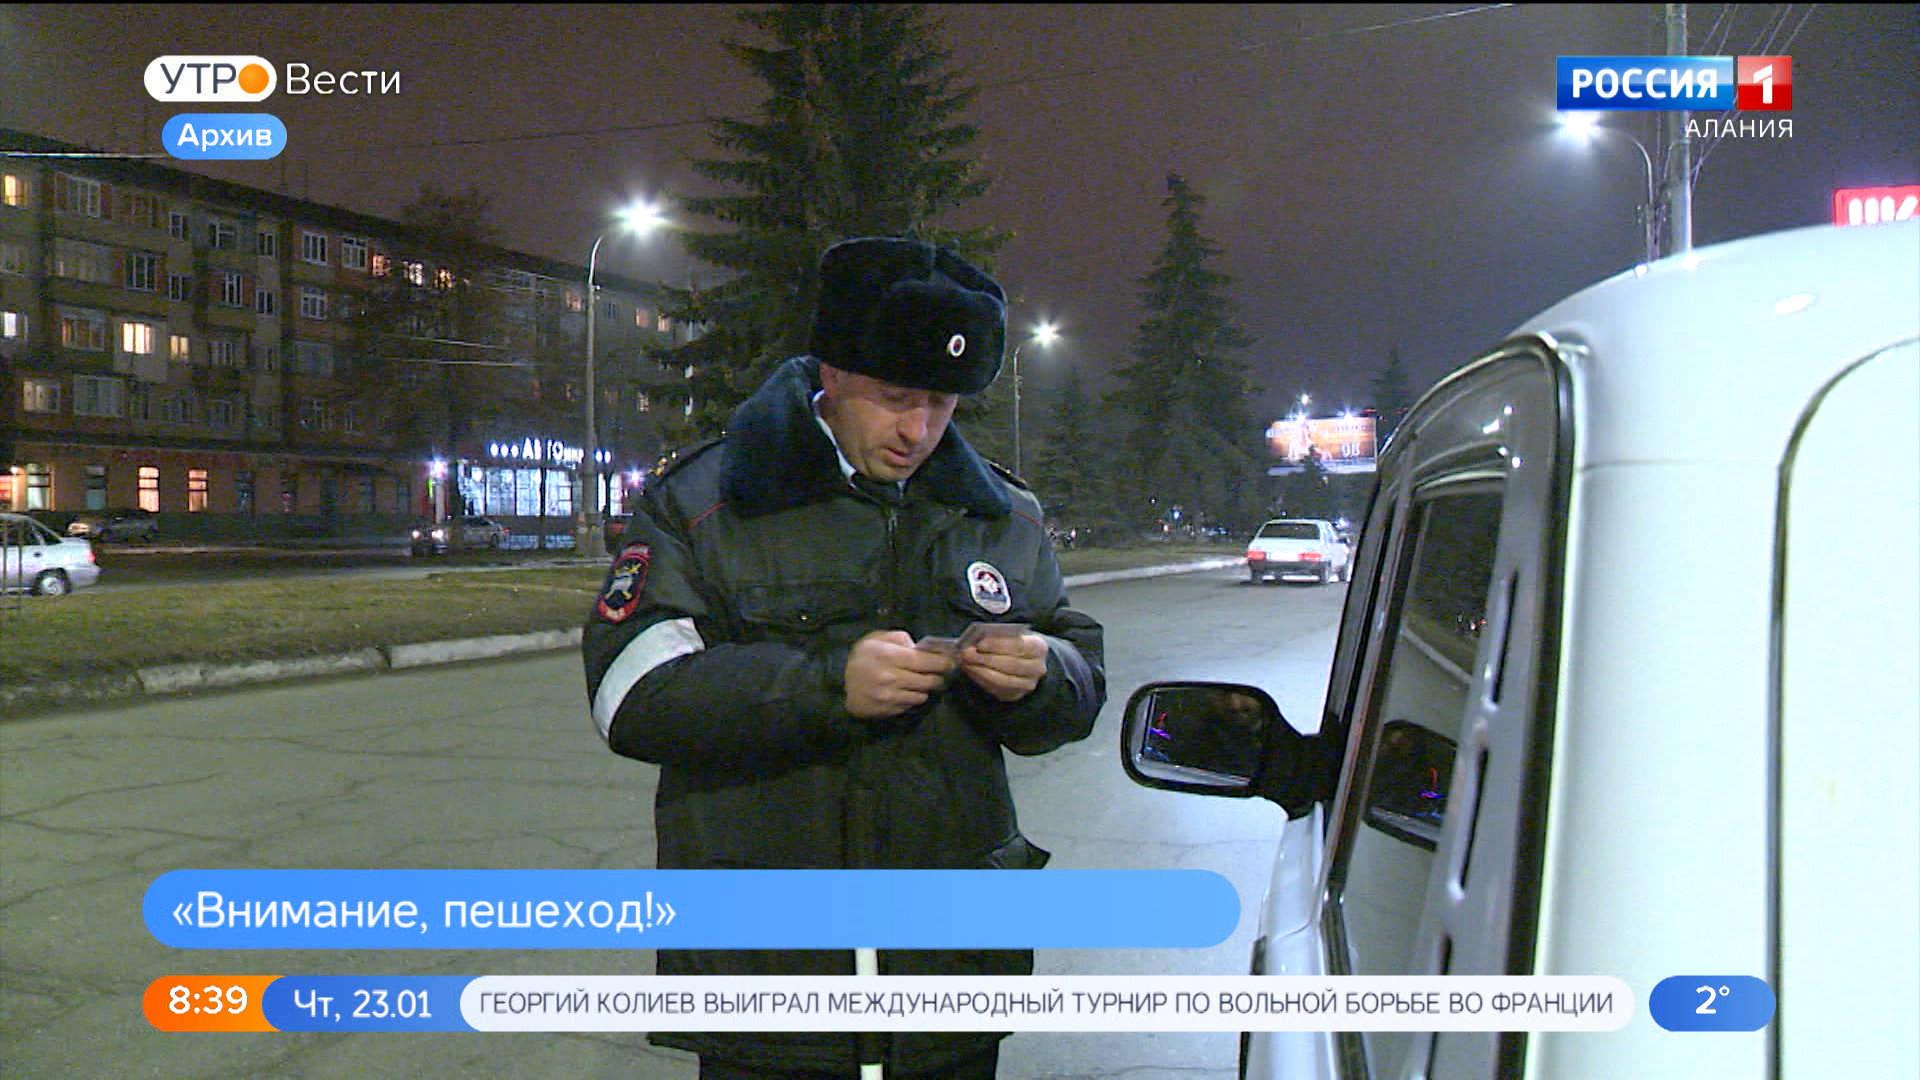 В Северной Осетии проходят профилактические рейды «Внимание, пешеход!»